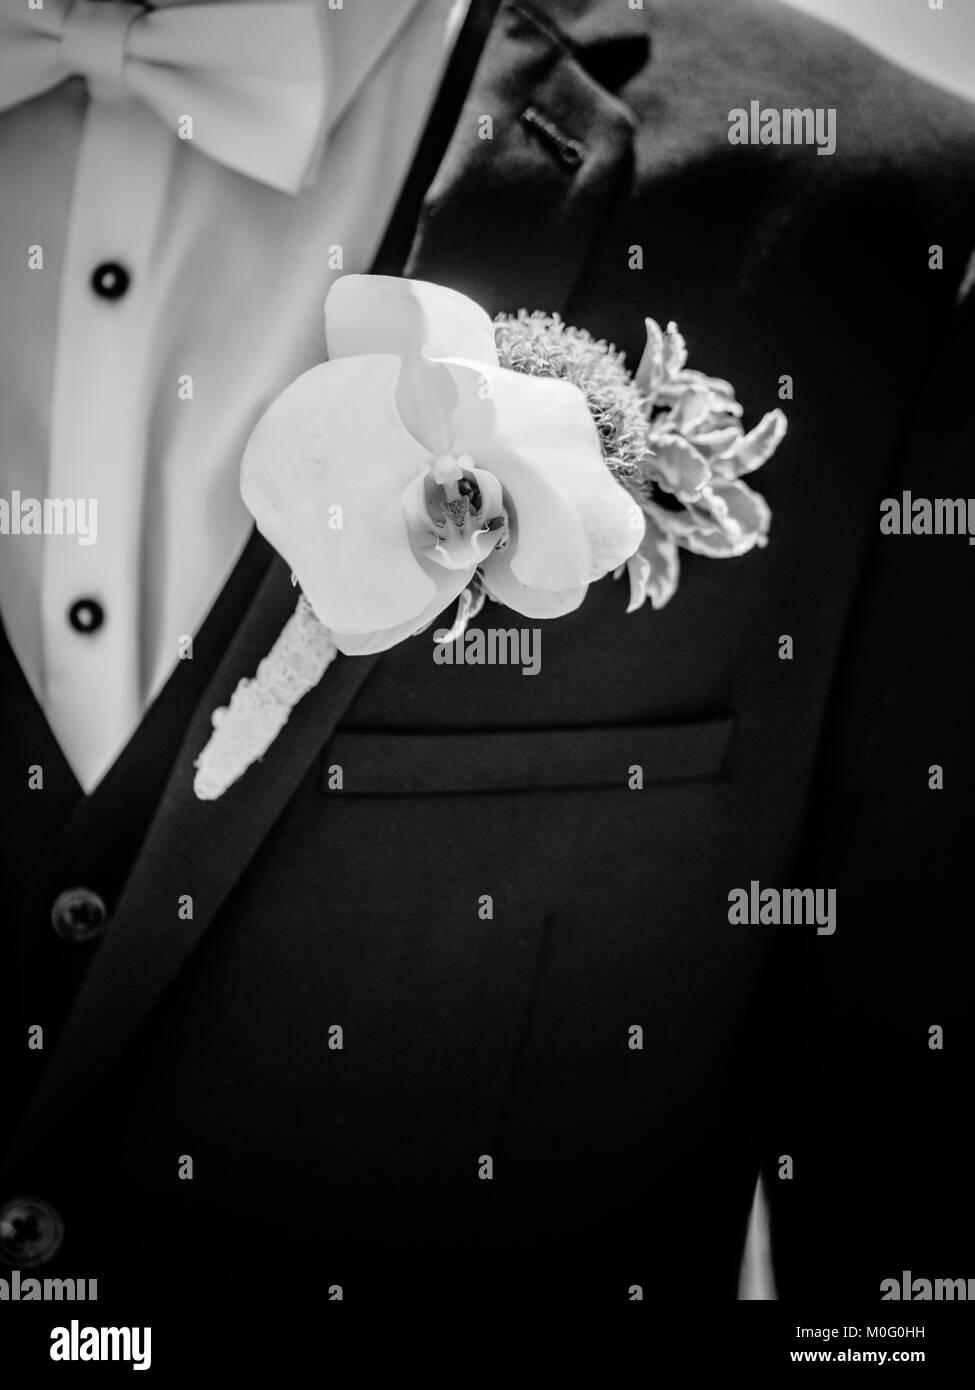 Hochzeit Anstecker Auf Klage Der Brautigam Stockfoto Bild